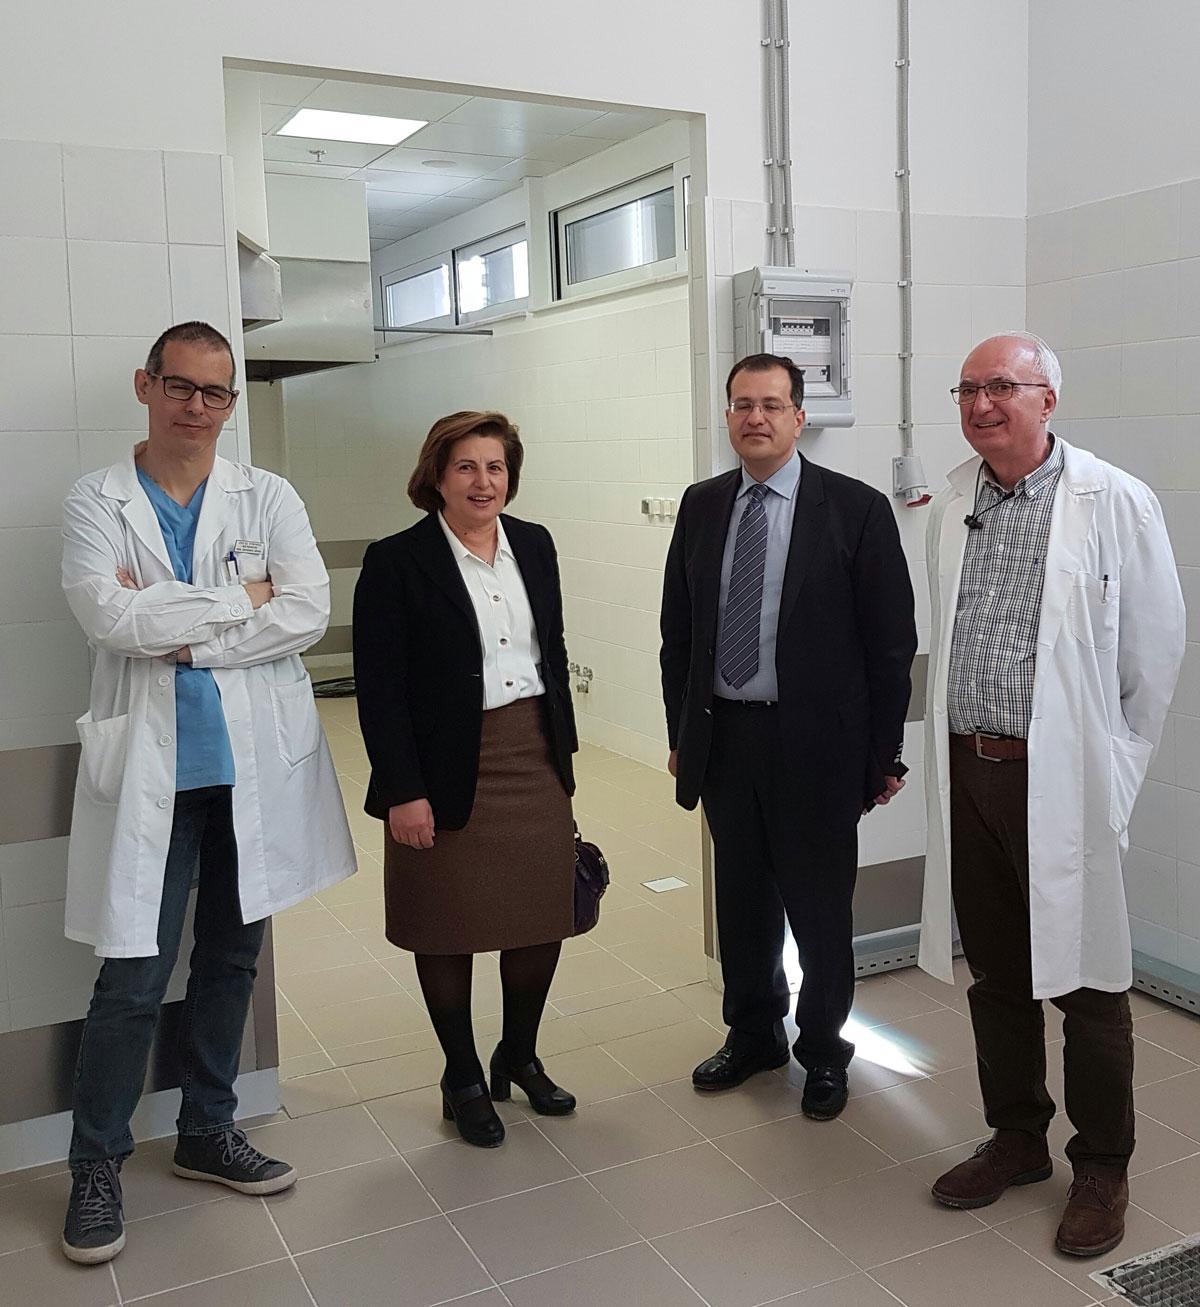 2,9 εκατ. ευρώ από το Ε.Π. της Περιφέρειας Βορείου Αιγαίου για την αναβάθμιση των υποδομών υγείας